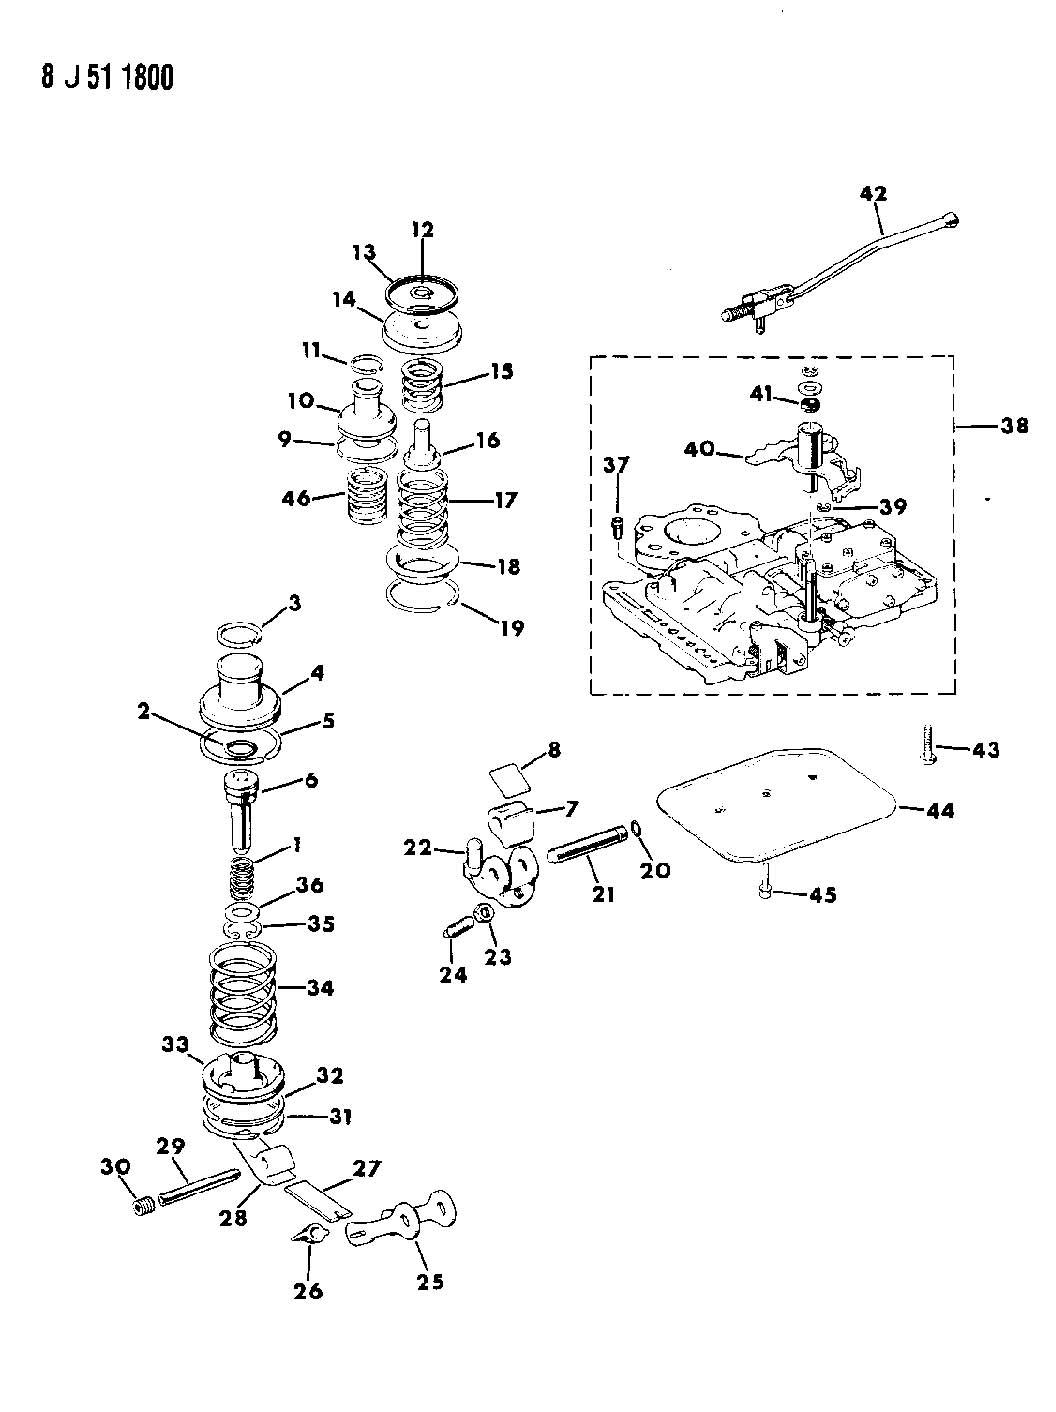 servos, accumulator and valve body automatic transmission ... a727 transmission diagram 1993 gmc transmission diagram #15